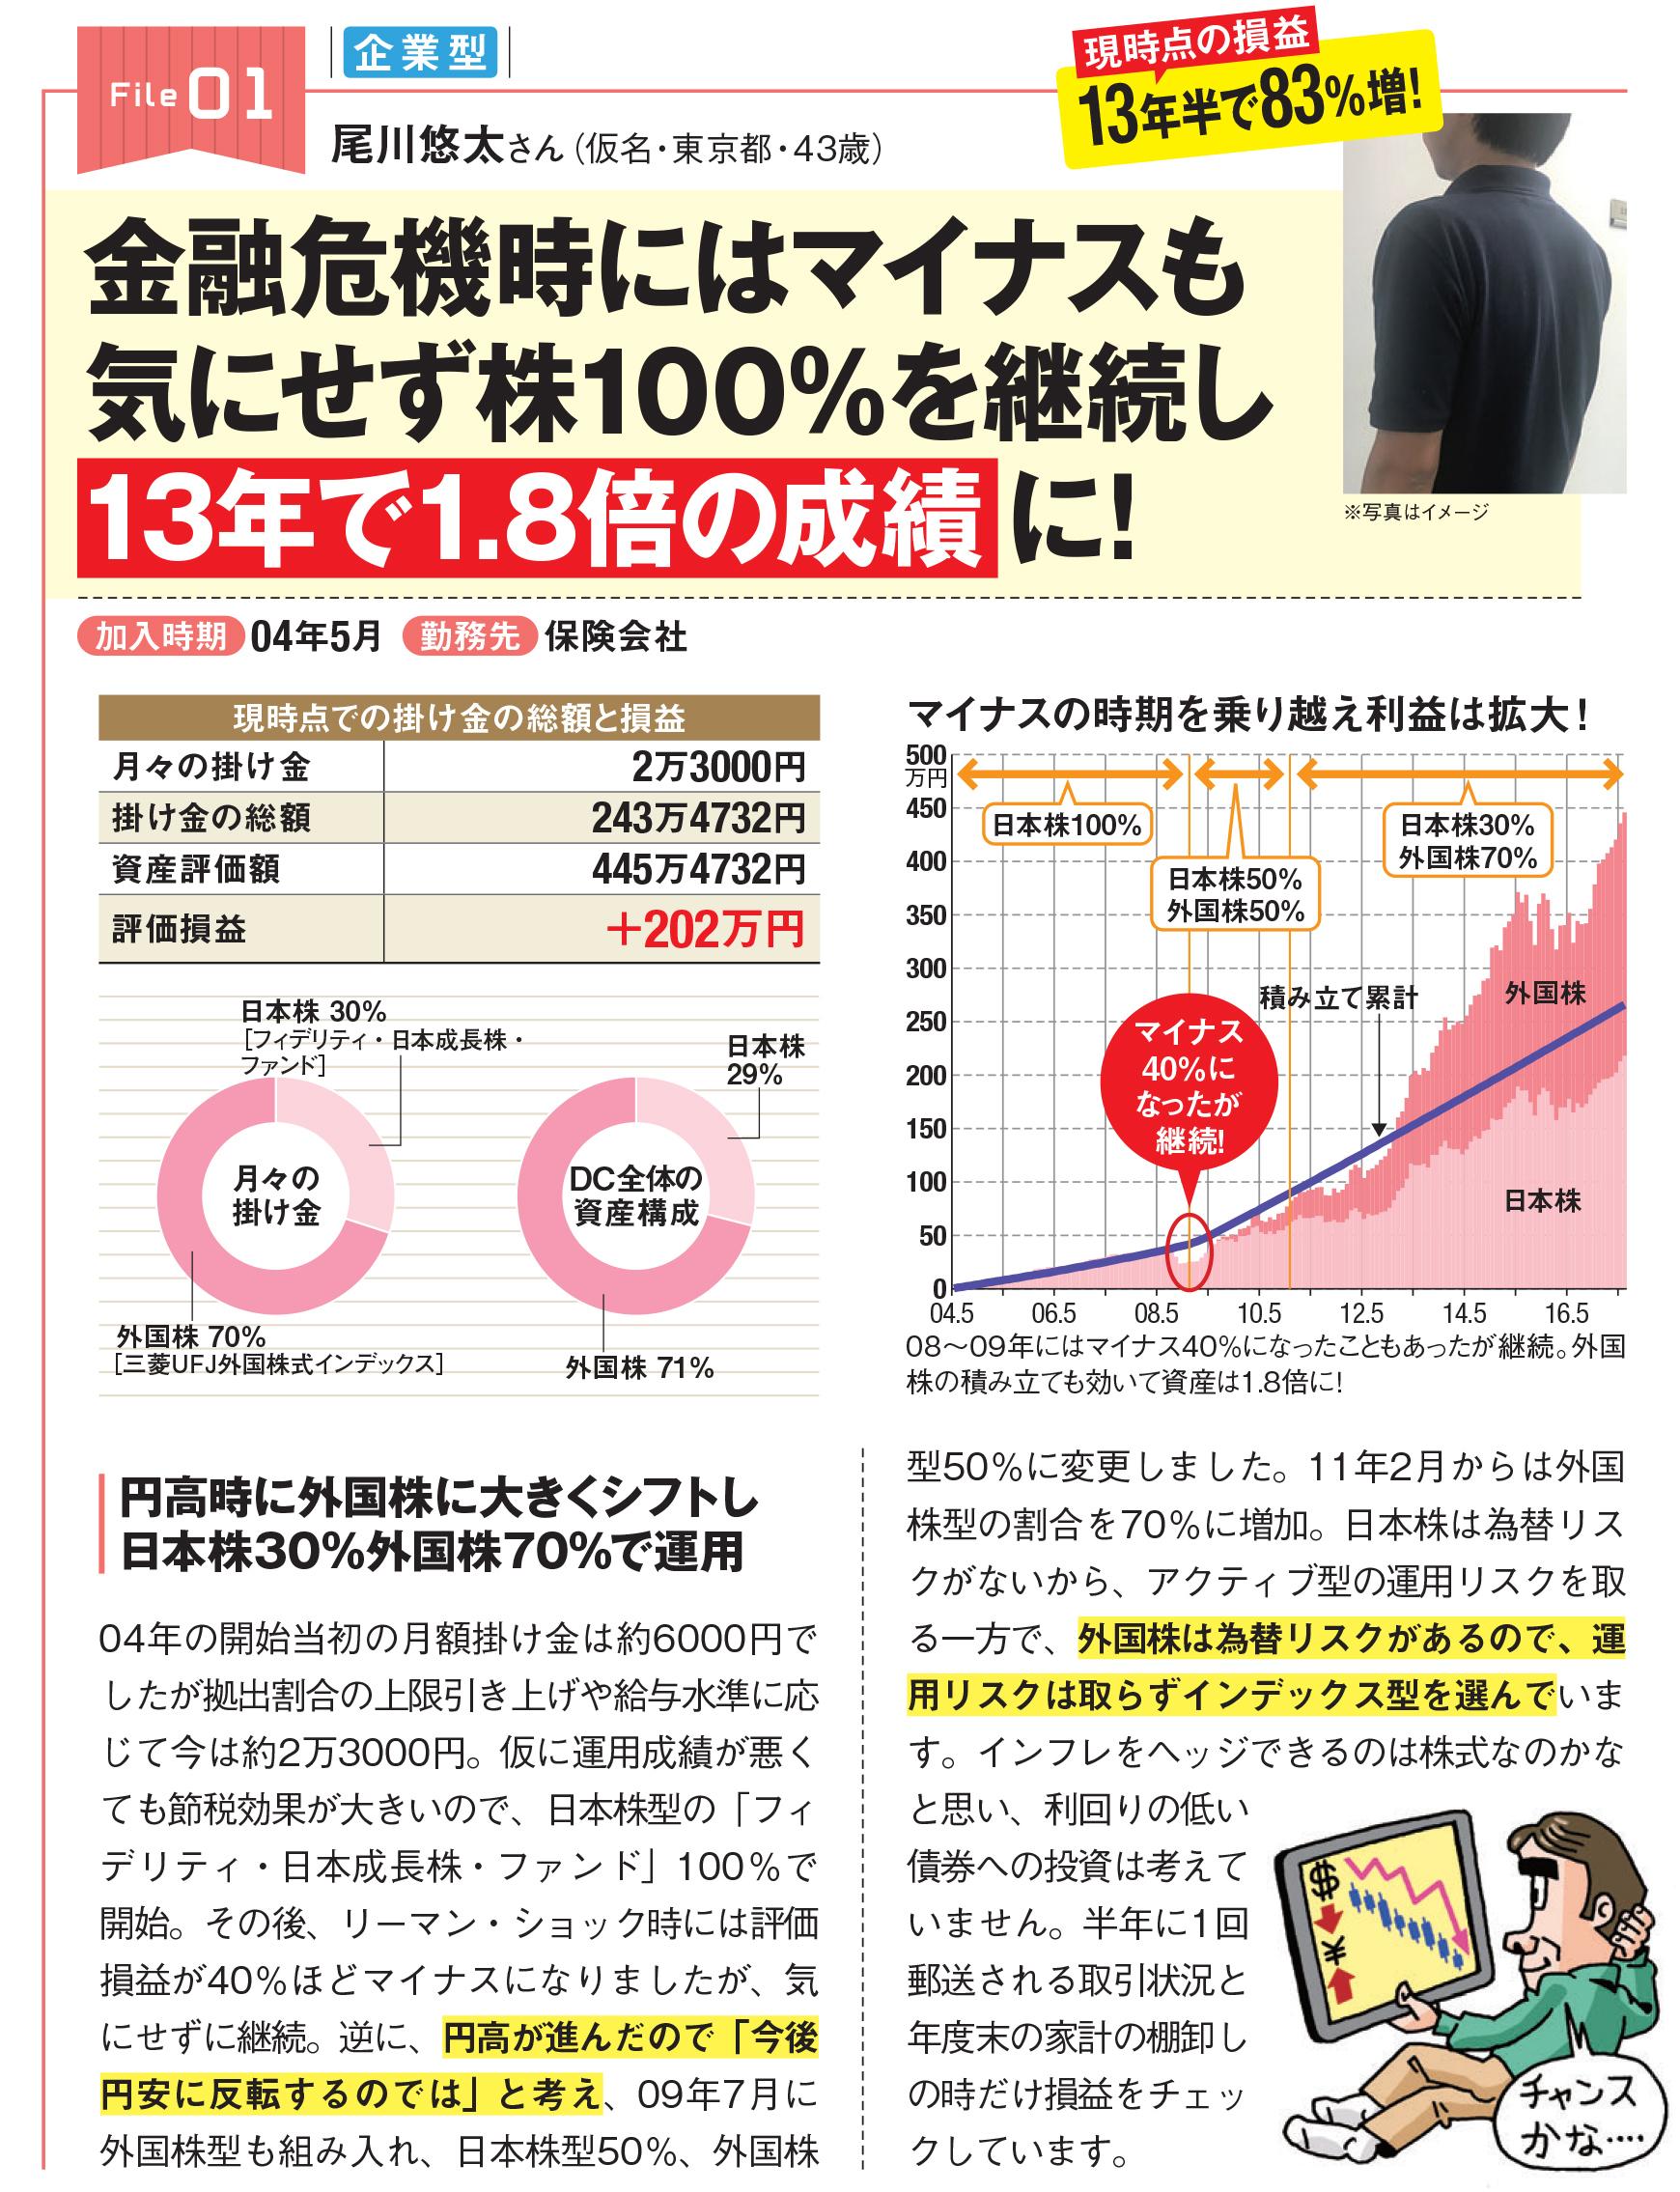 年金 三菱 確定 拠出 ufj 銀行